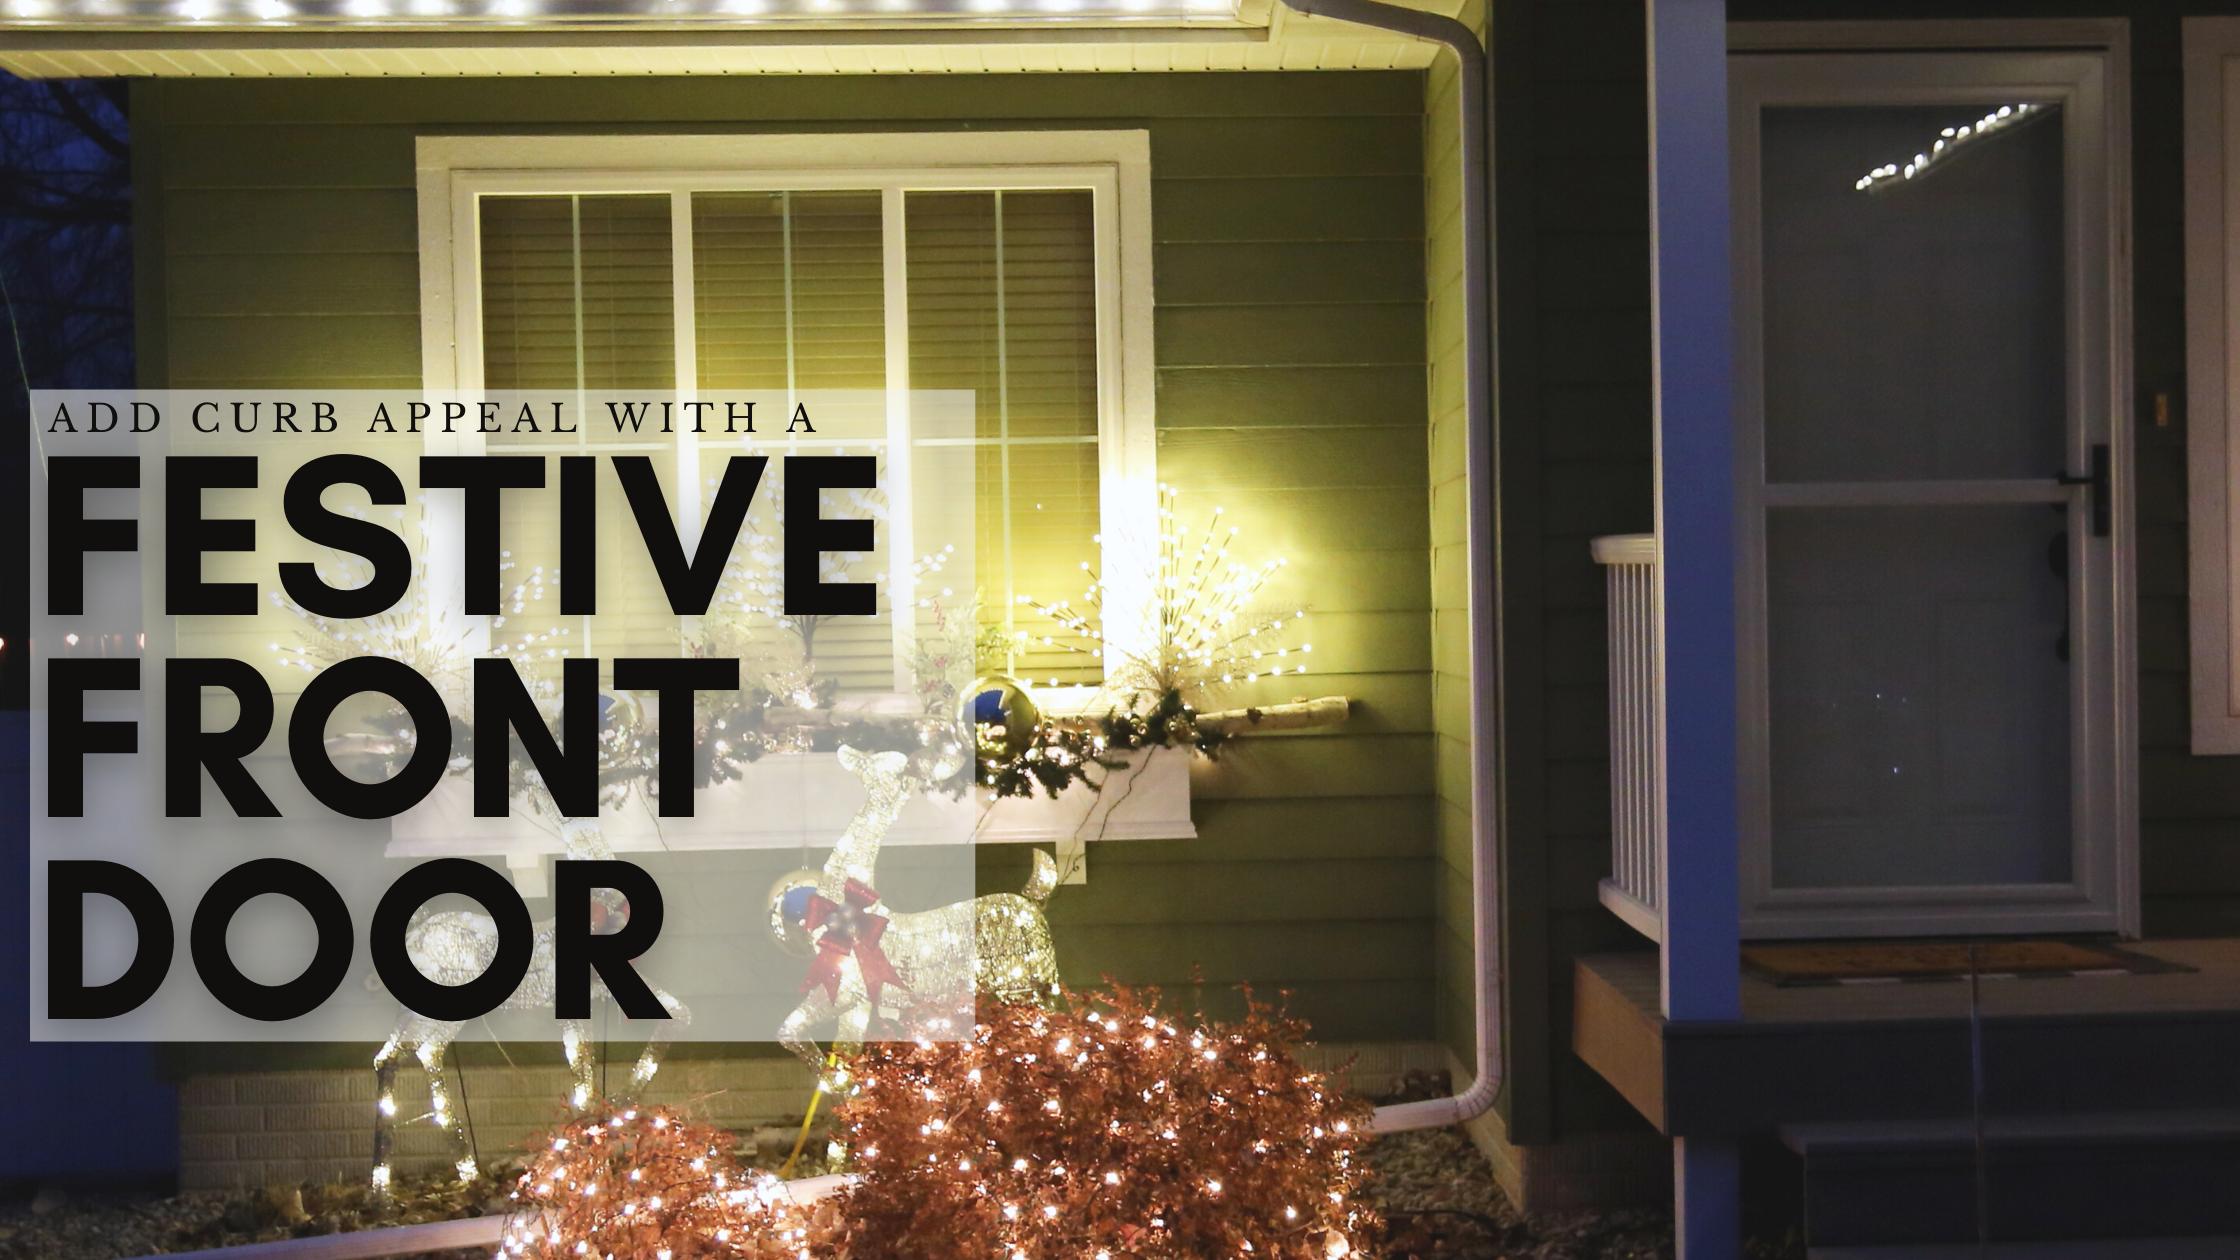 Festive Front Doors